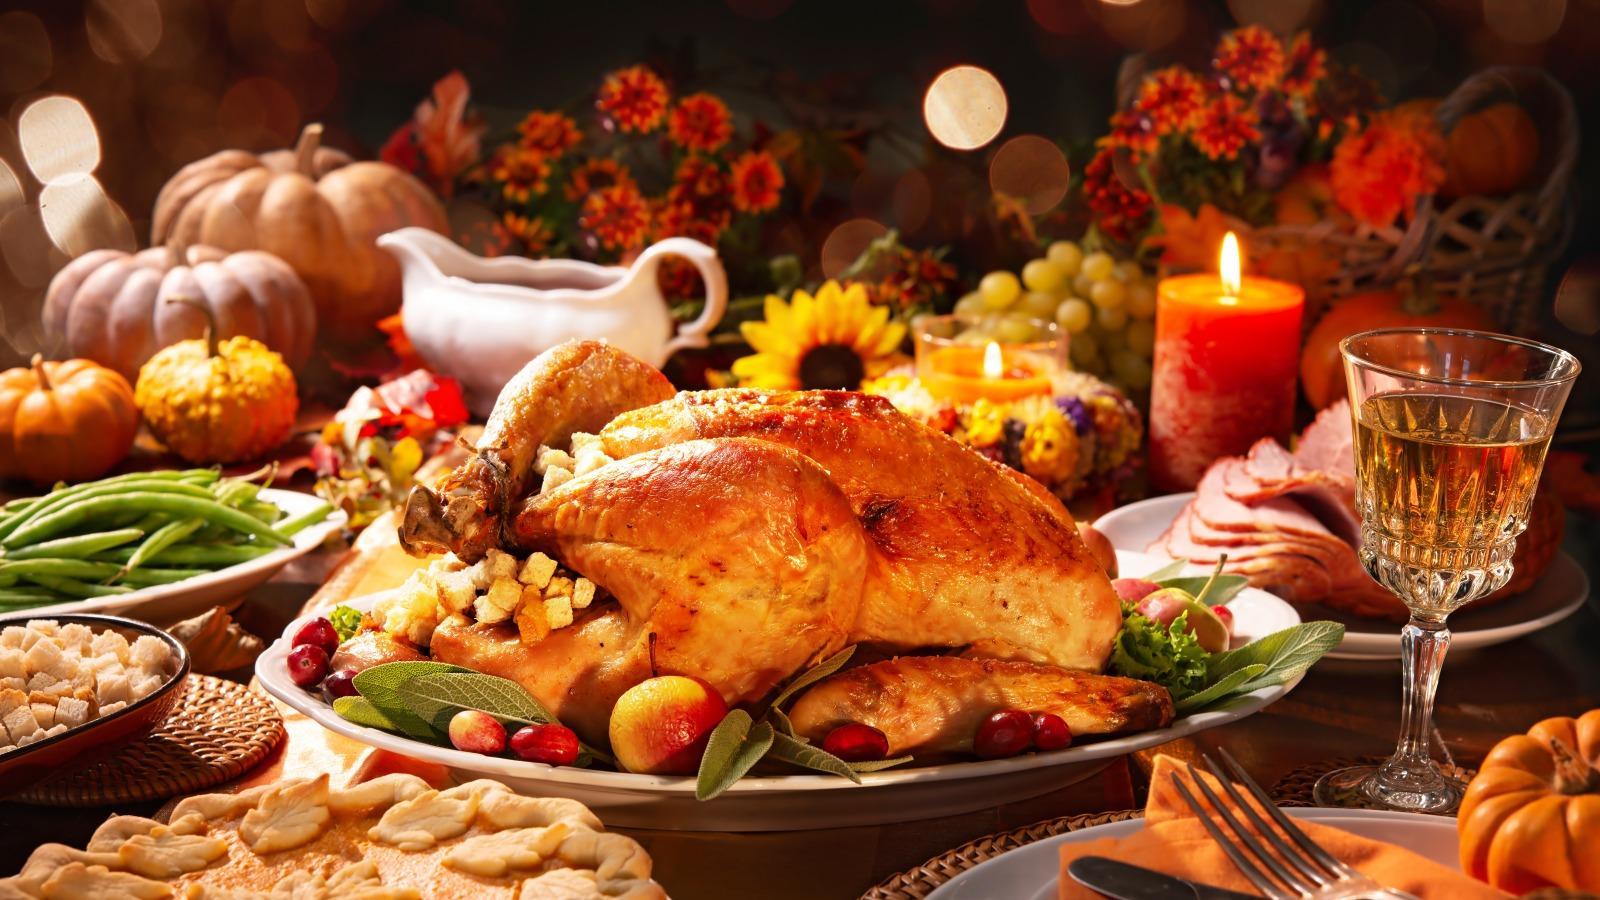 Dia de Ação de Graças: entenda porque a data é tão especial nos EUA